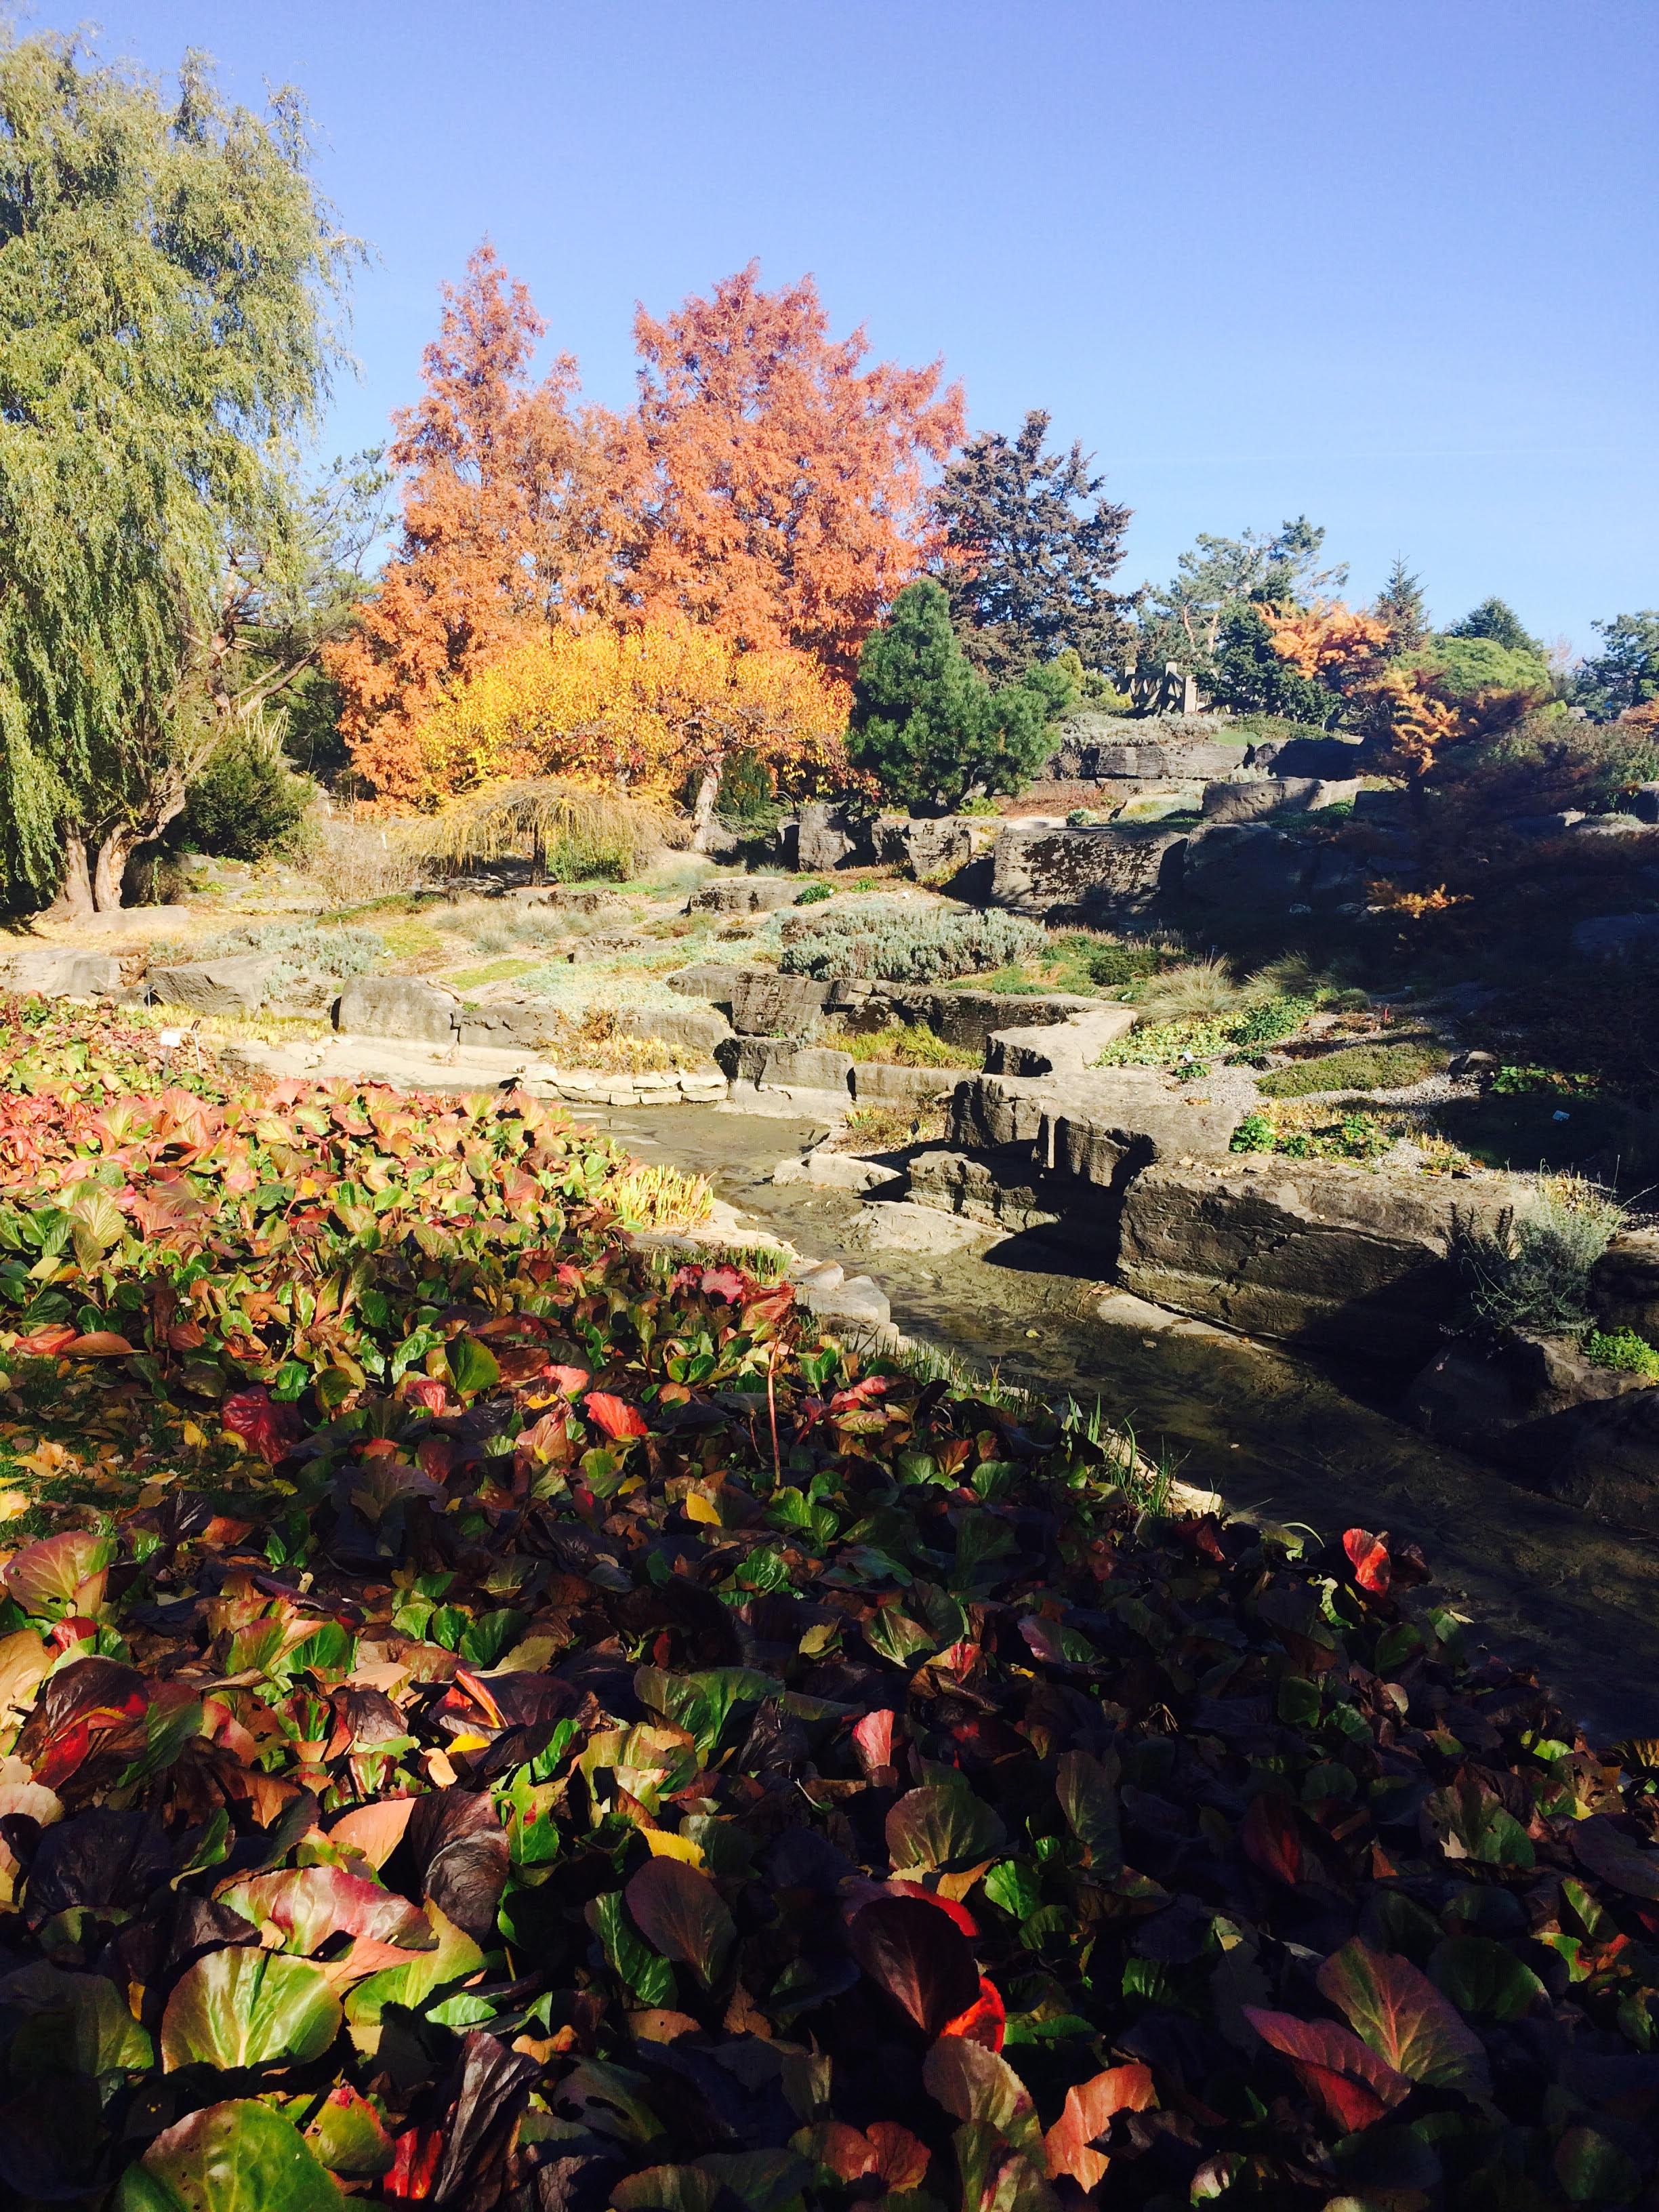 Montr al l automne au jardin botanique la femme qui marche for Jardin botanique hiver 2016